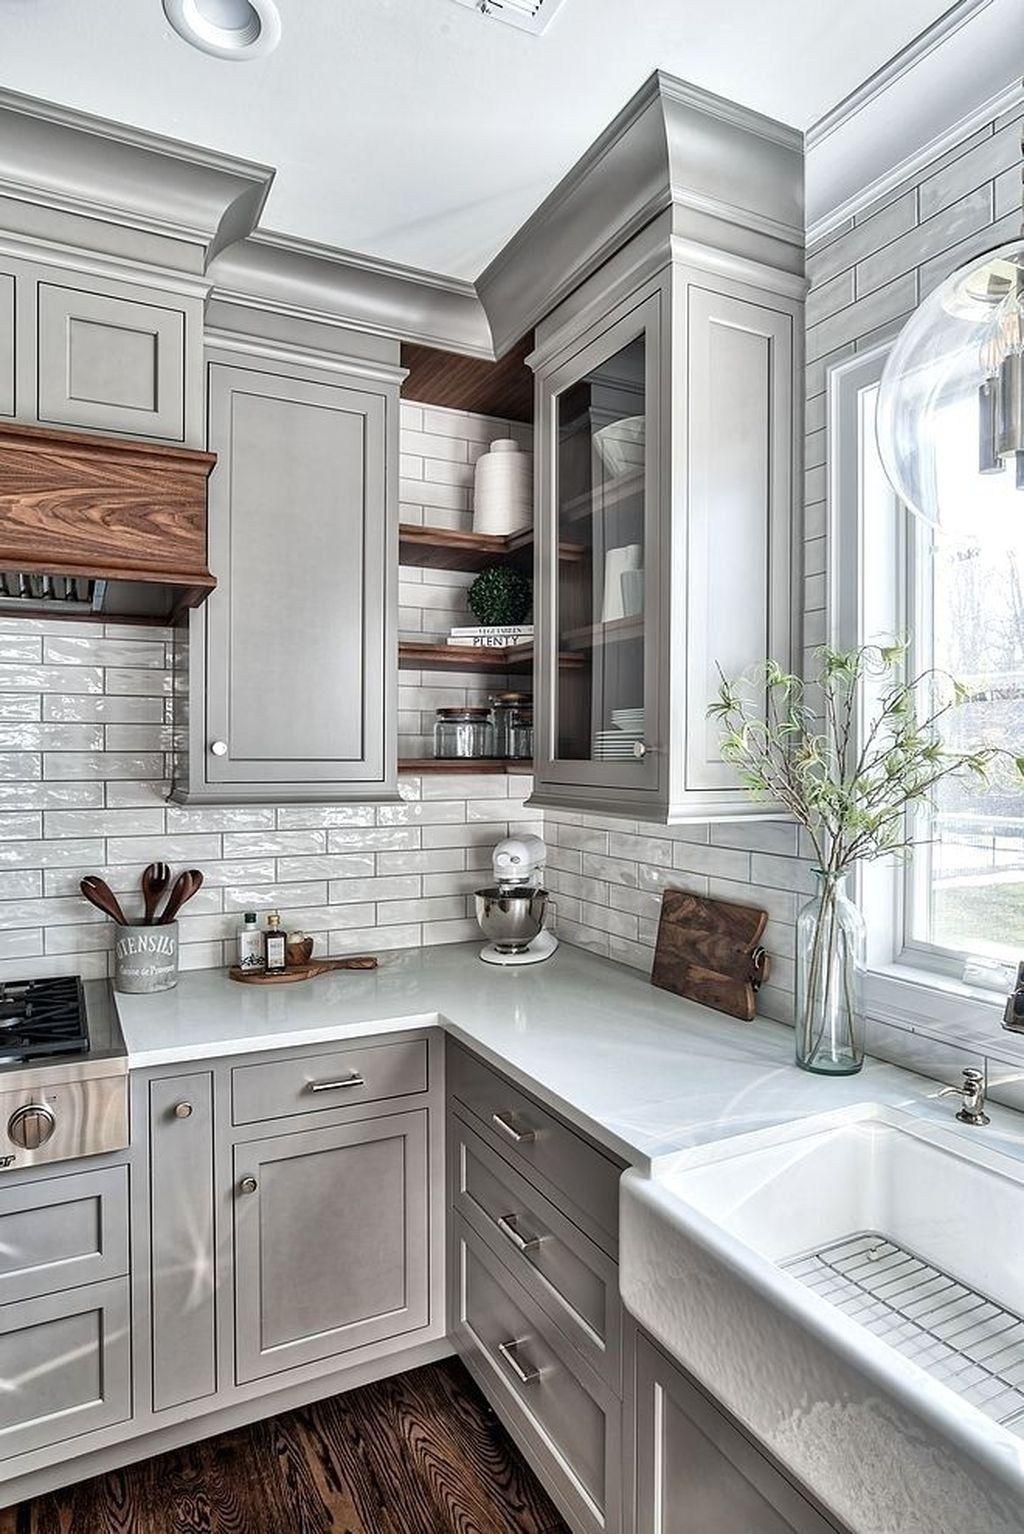 elegant small kitchen ideas remodel 47 kitchen remodel small kitchen cabinets makeover on c kitchen id=53569